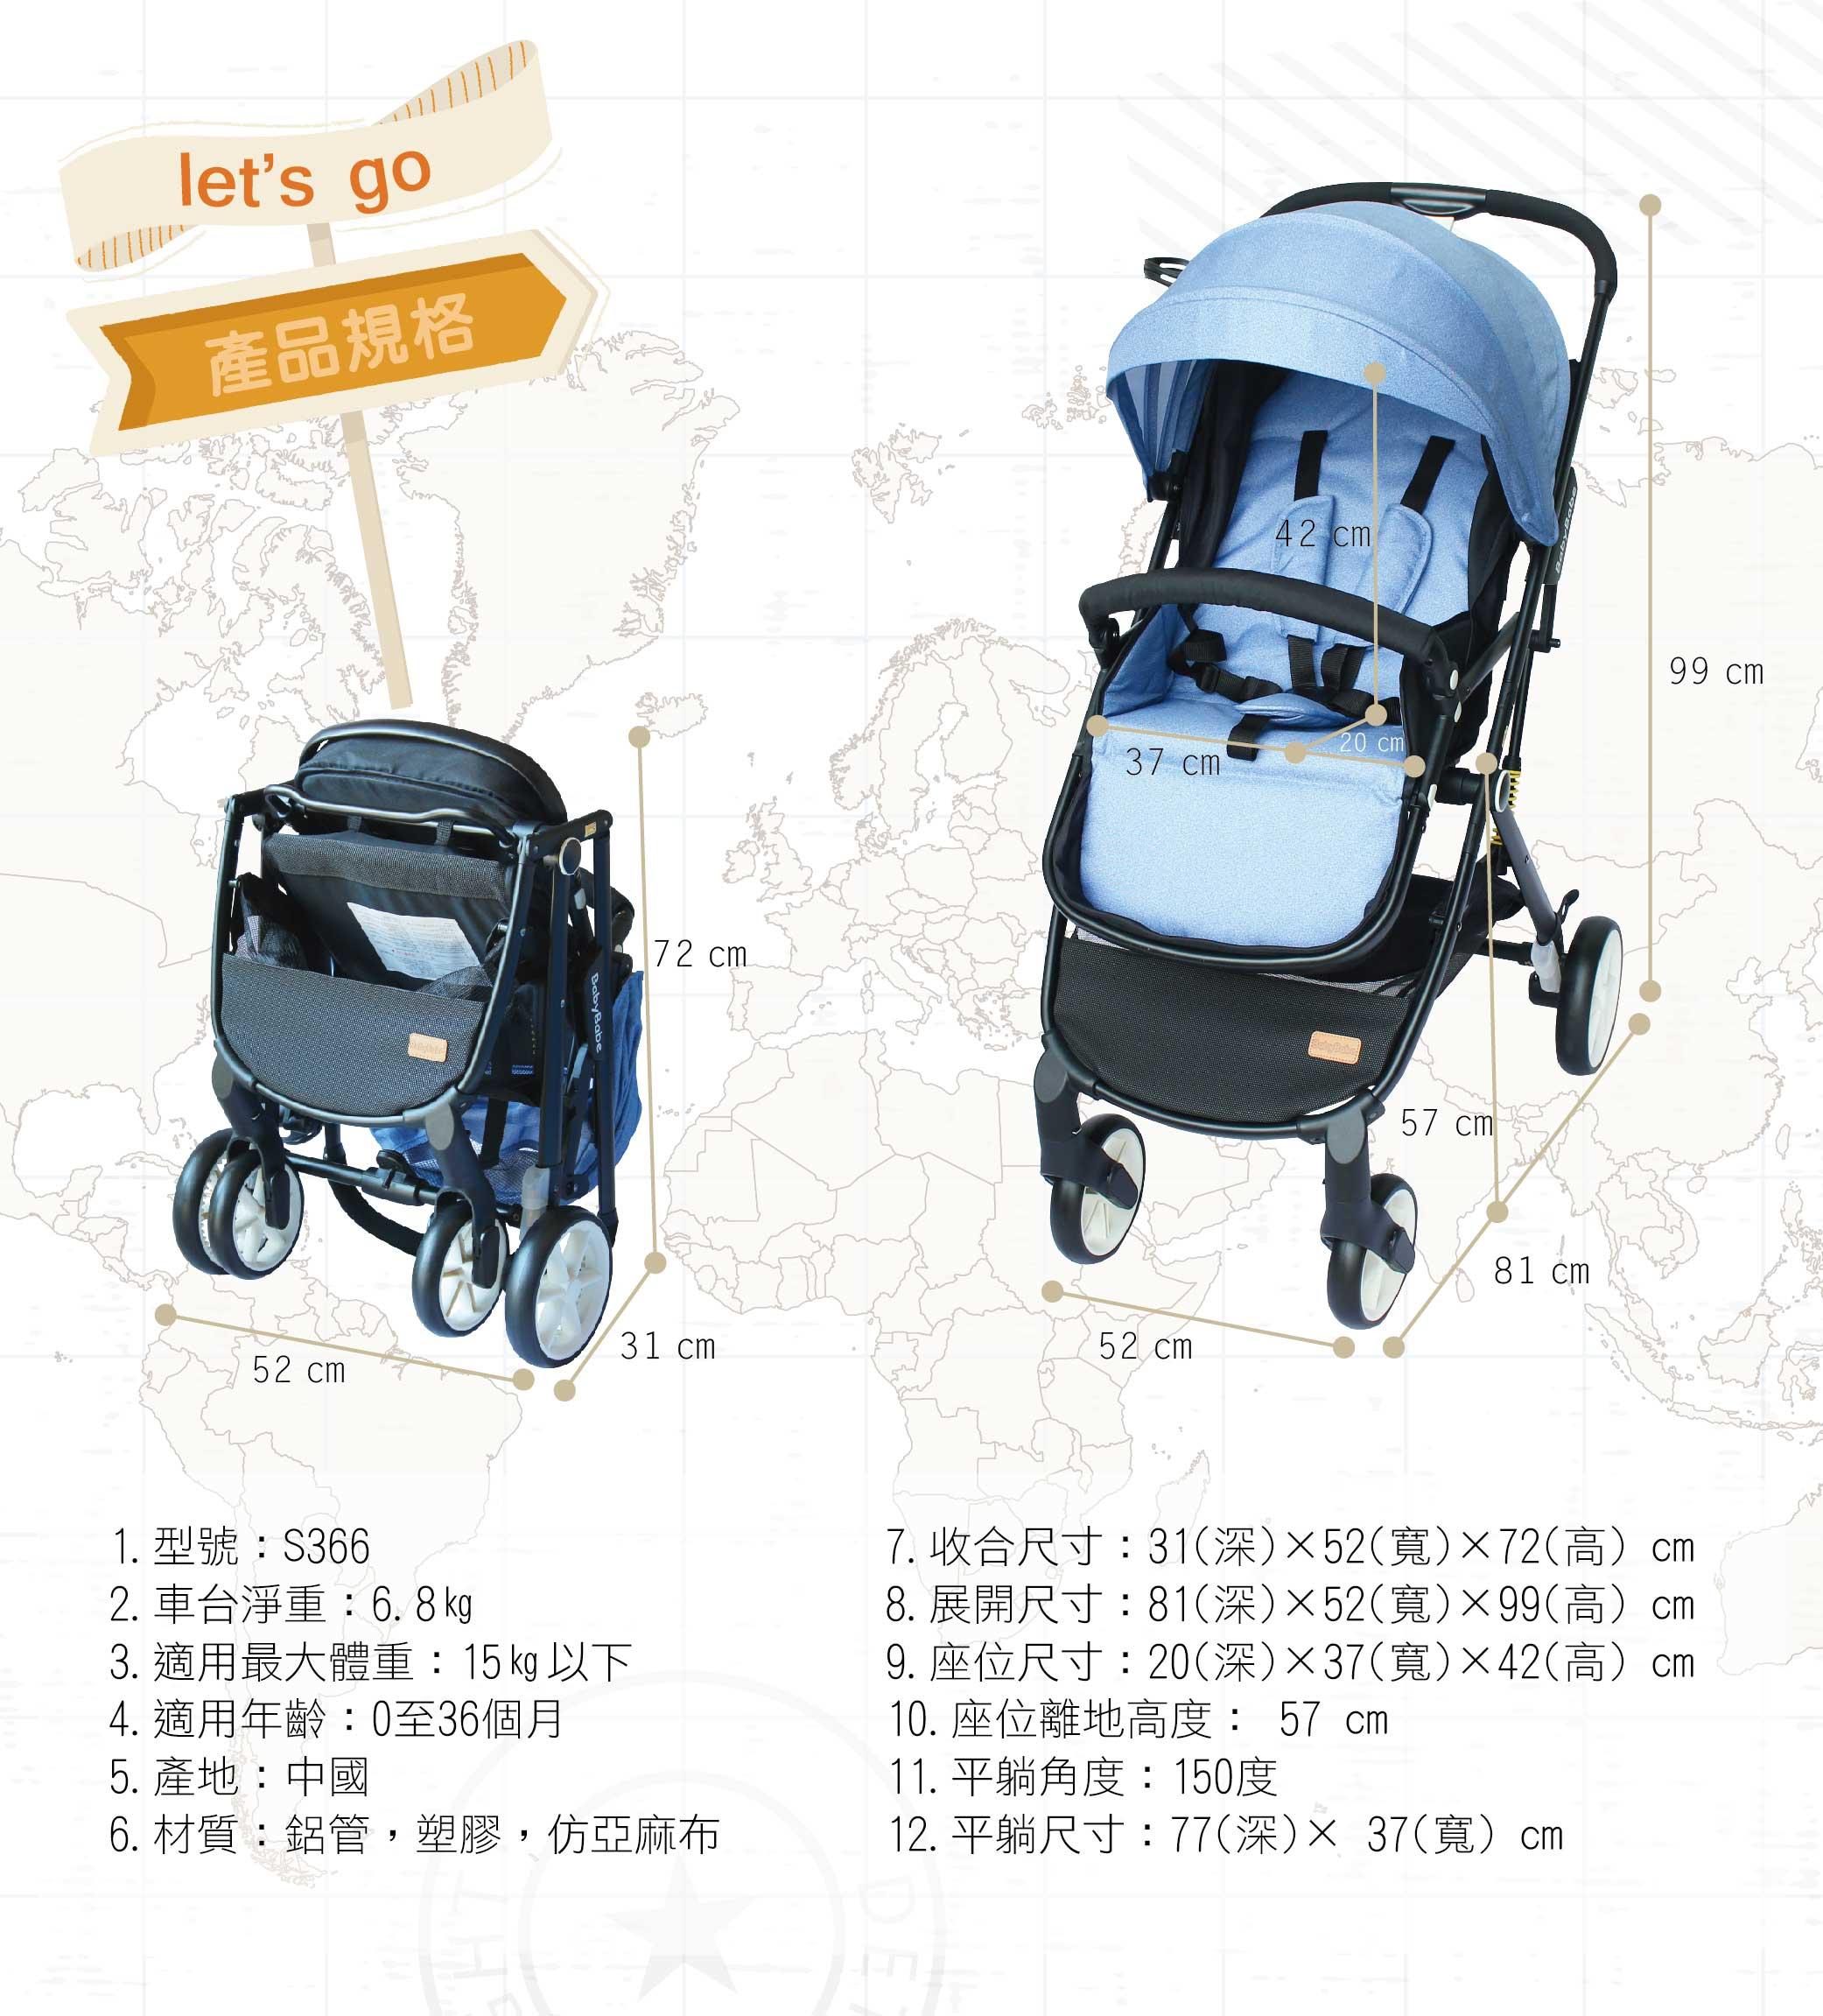 S366嬰幼兒時尚旅行推車-05